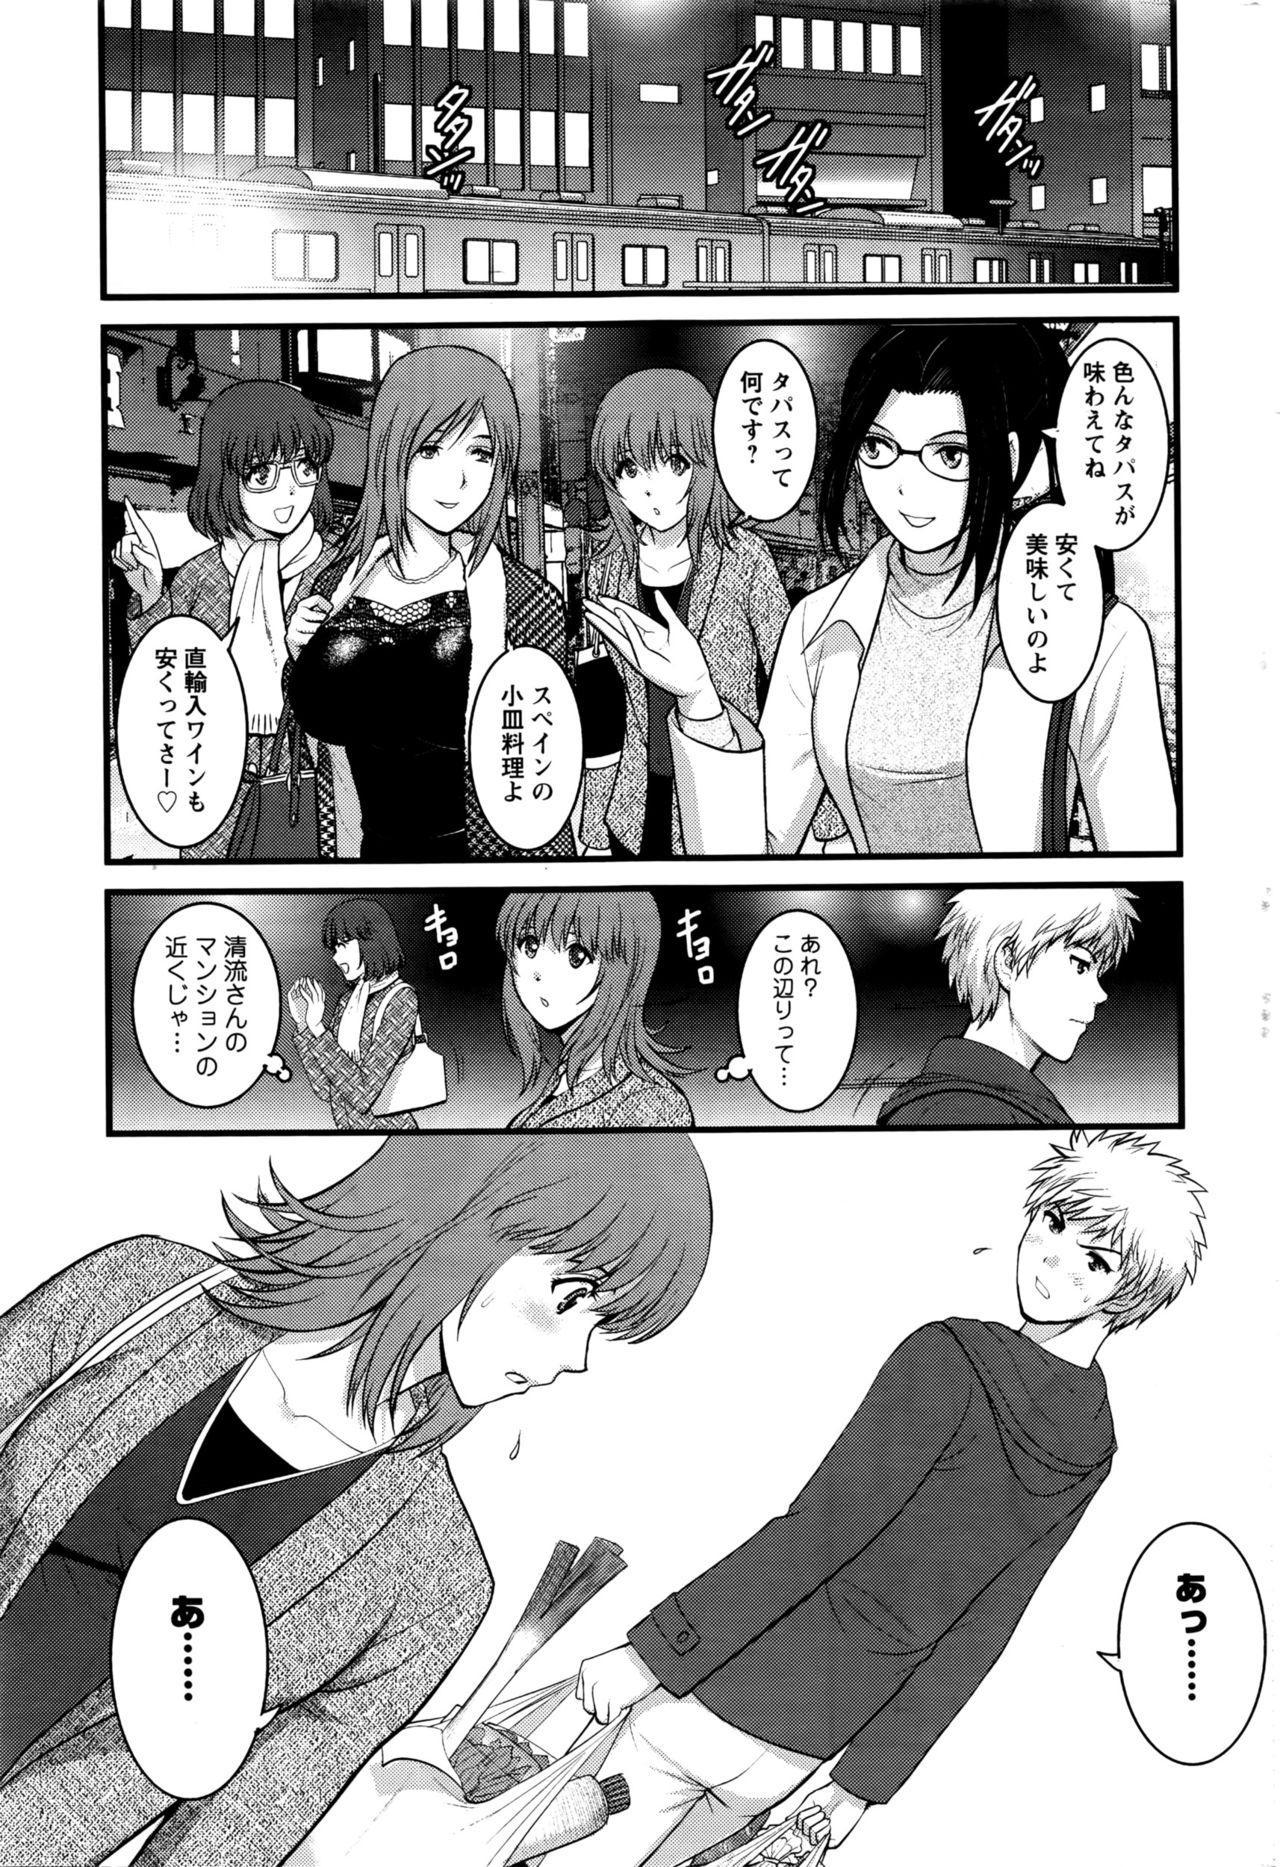 [Saigado] Part time Manaka-san 2nd Ch. 1-3 41